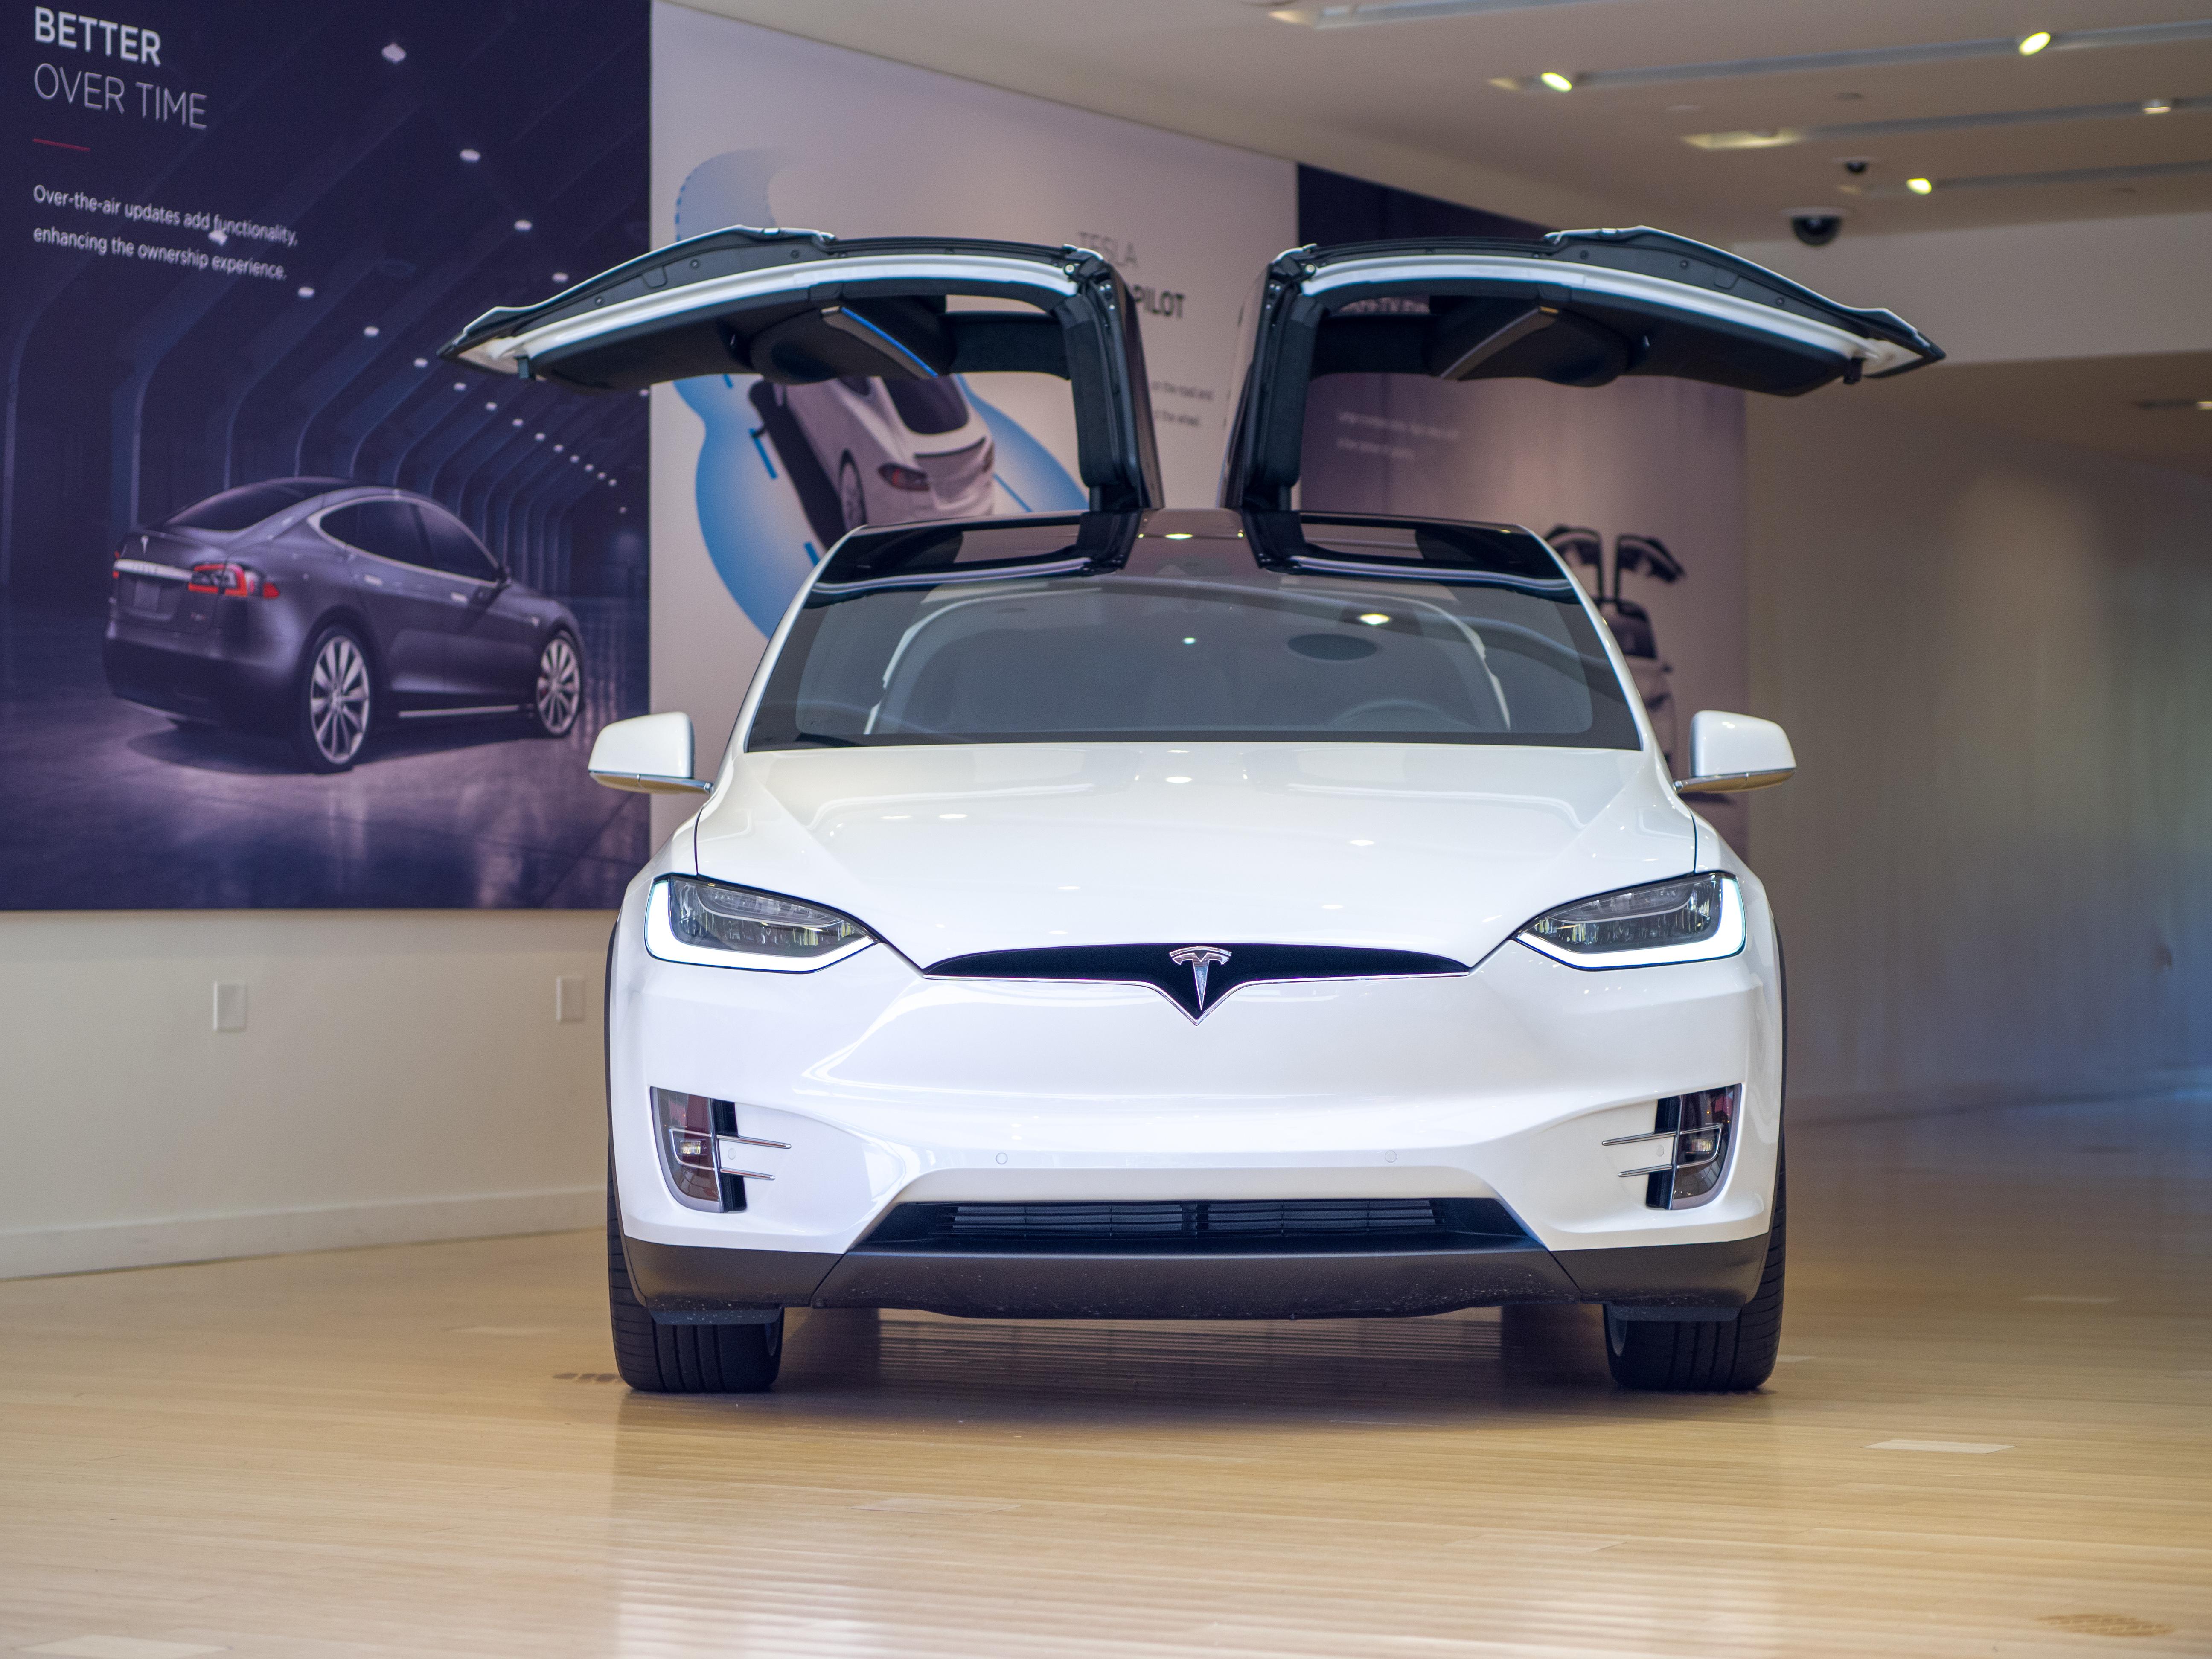 Model X in a Tesla store.